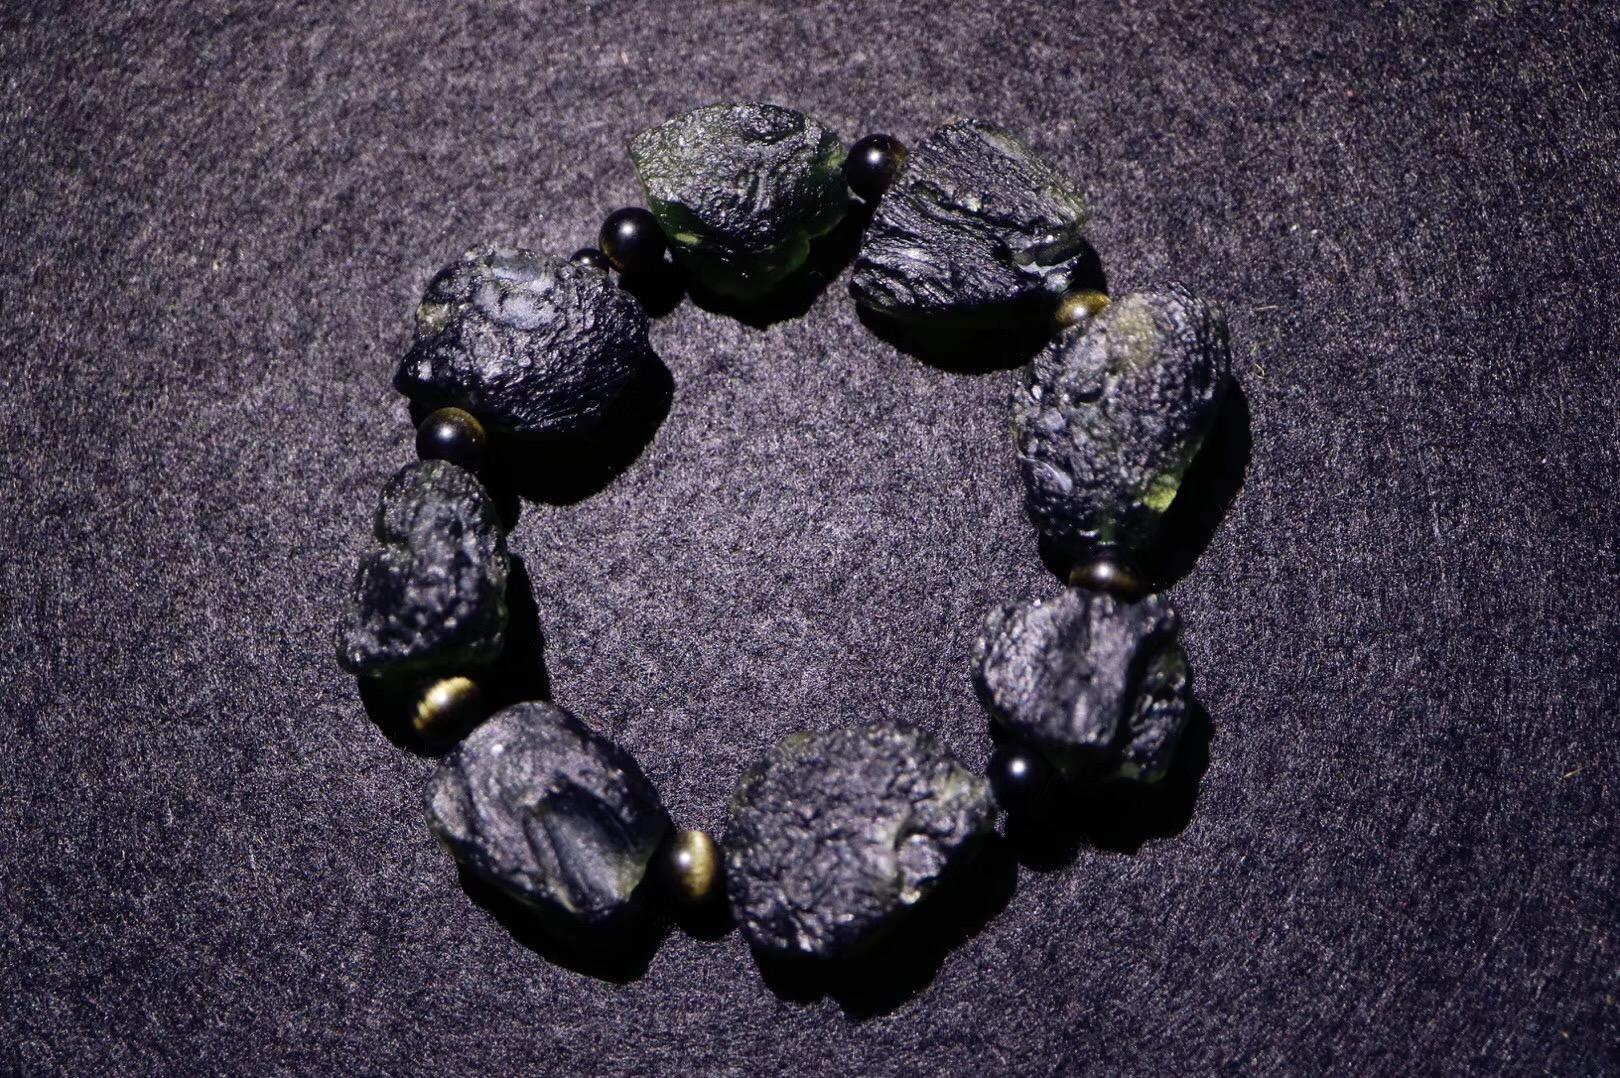 【菩心捷克陨石 | 原石手链】无需细细言说,已是一种震撼的美-菩心晶舍